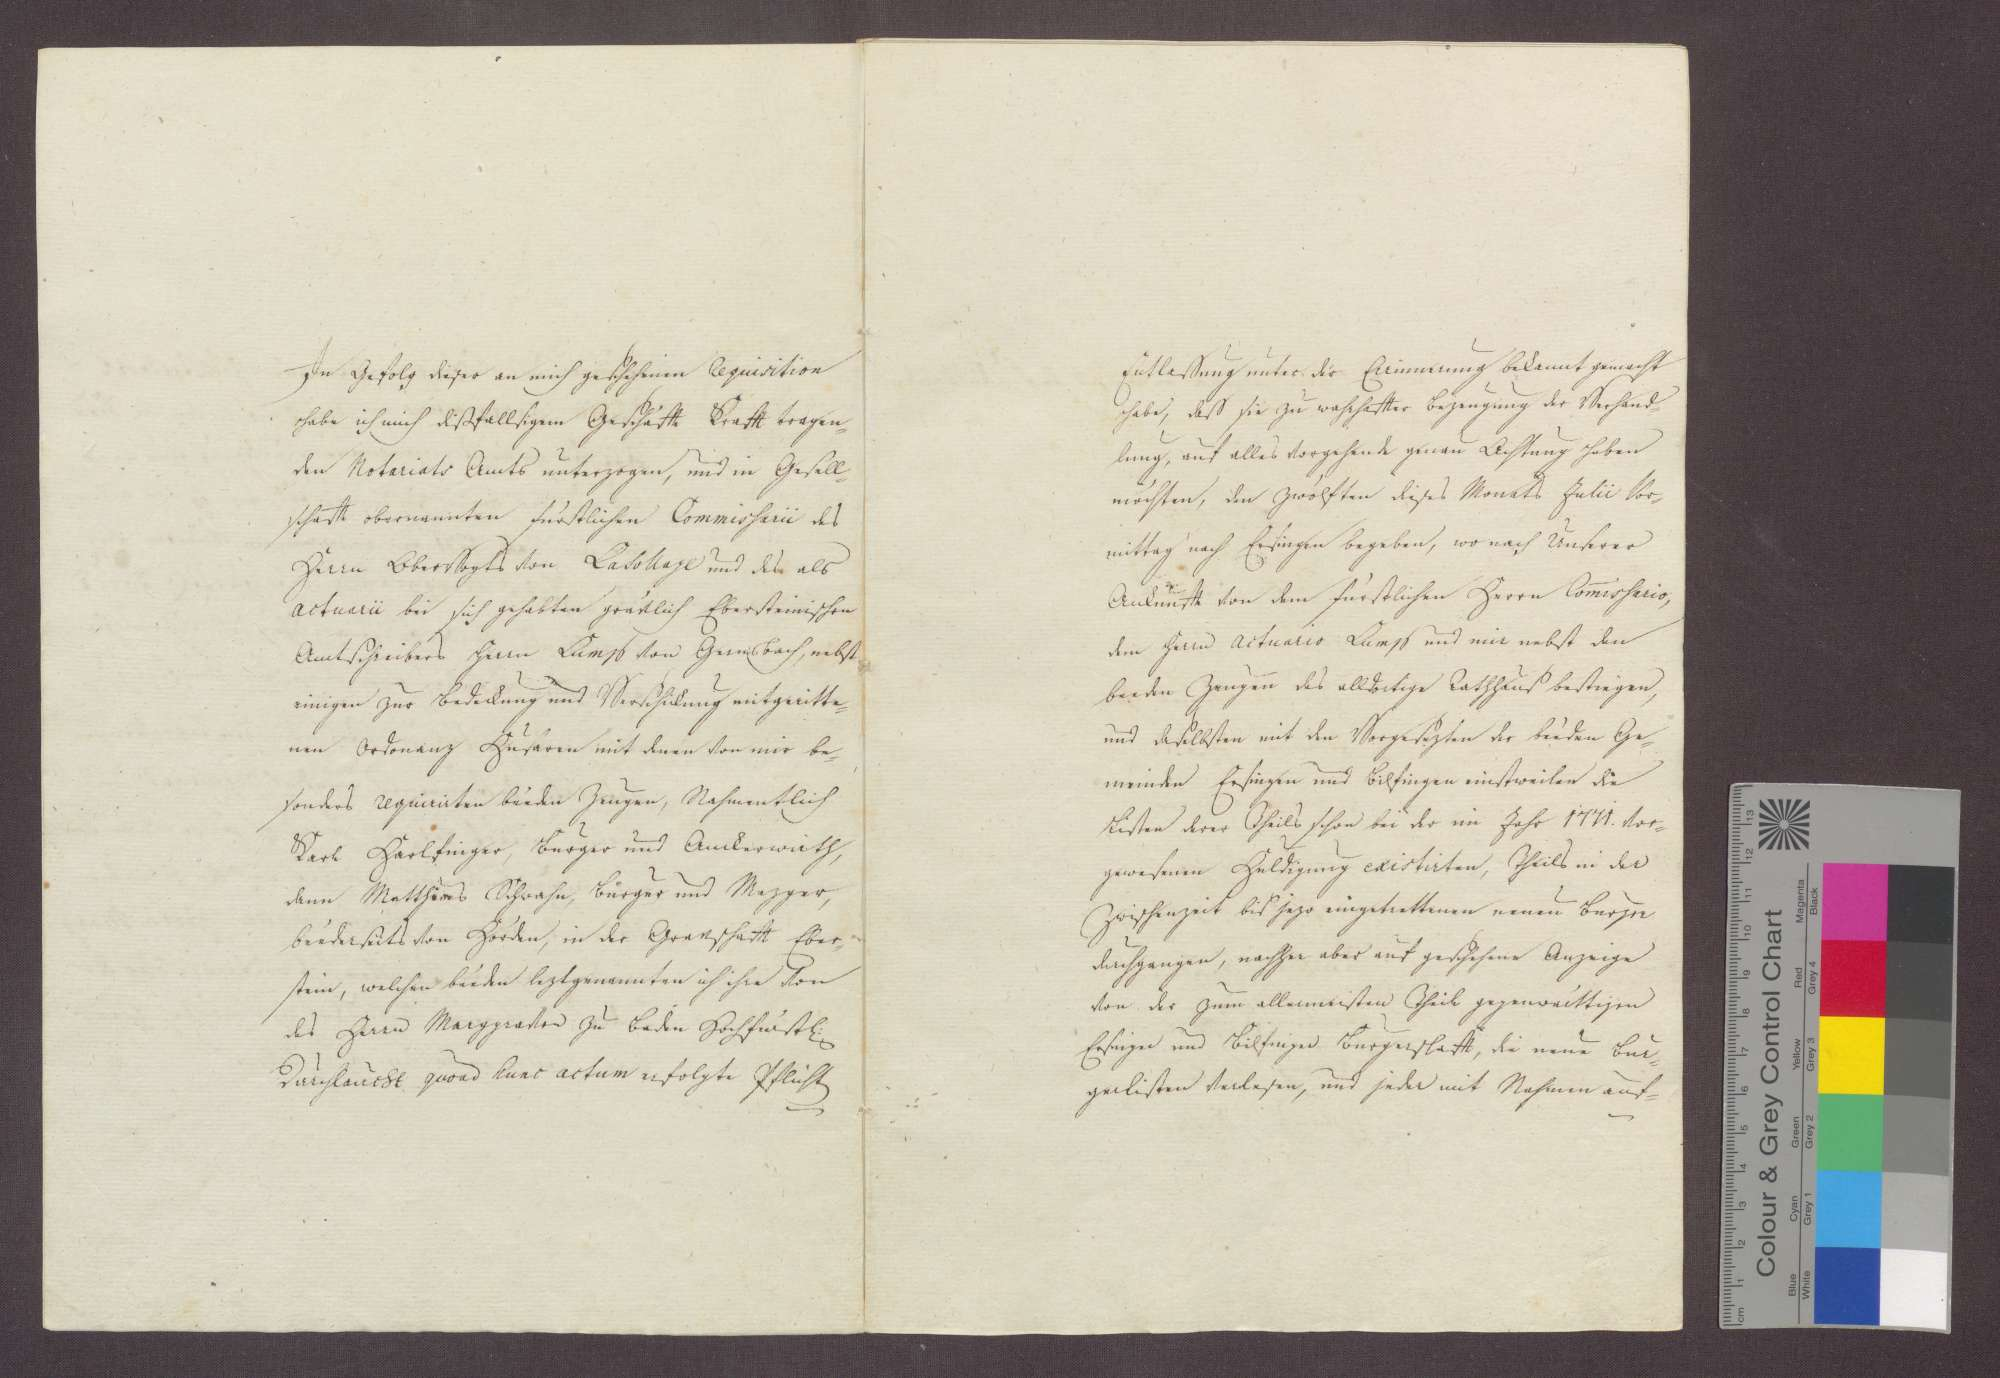 Der Notar Karl Wilhelm Wieland von Karlsruhe beurkundet die Huldigungseinnahme der seit 1771 in Ersingen und Bilfingen zugezogenen Neubürger durch den markgräflich badischen Kommissar Lassolaye, Obervogt zu Gernsbach., Bild 3